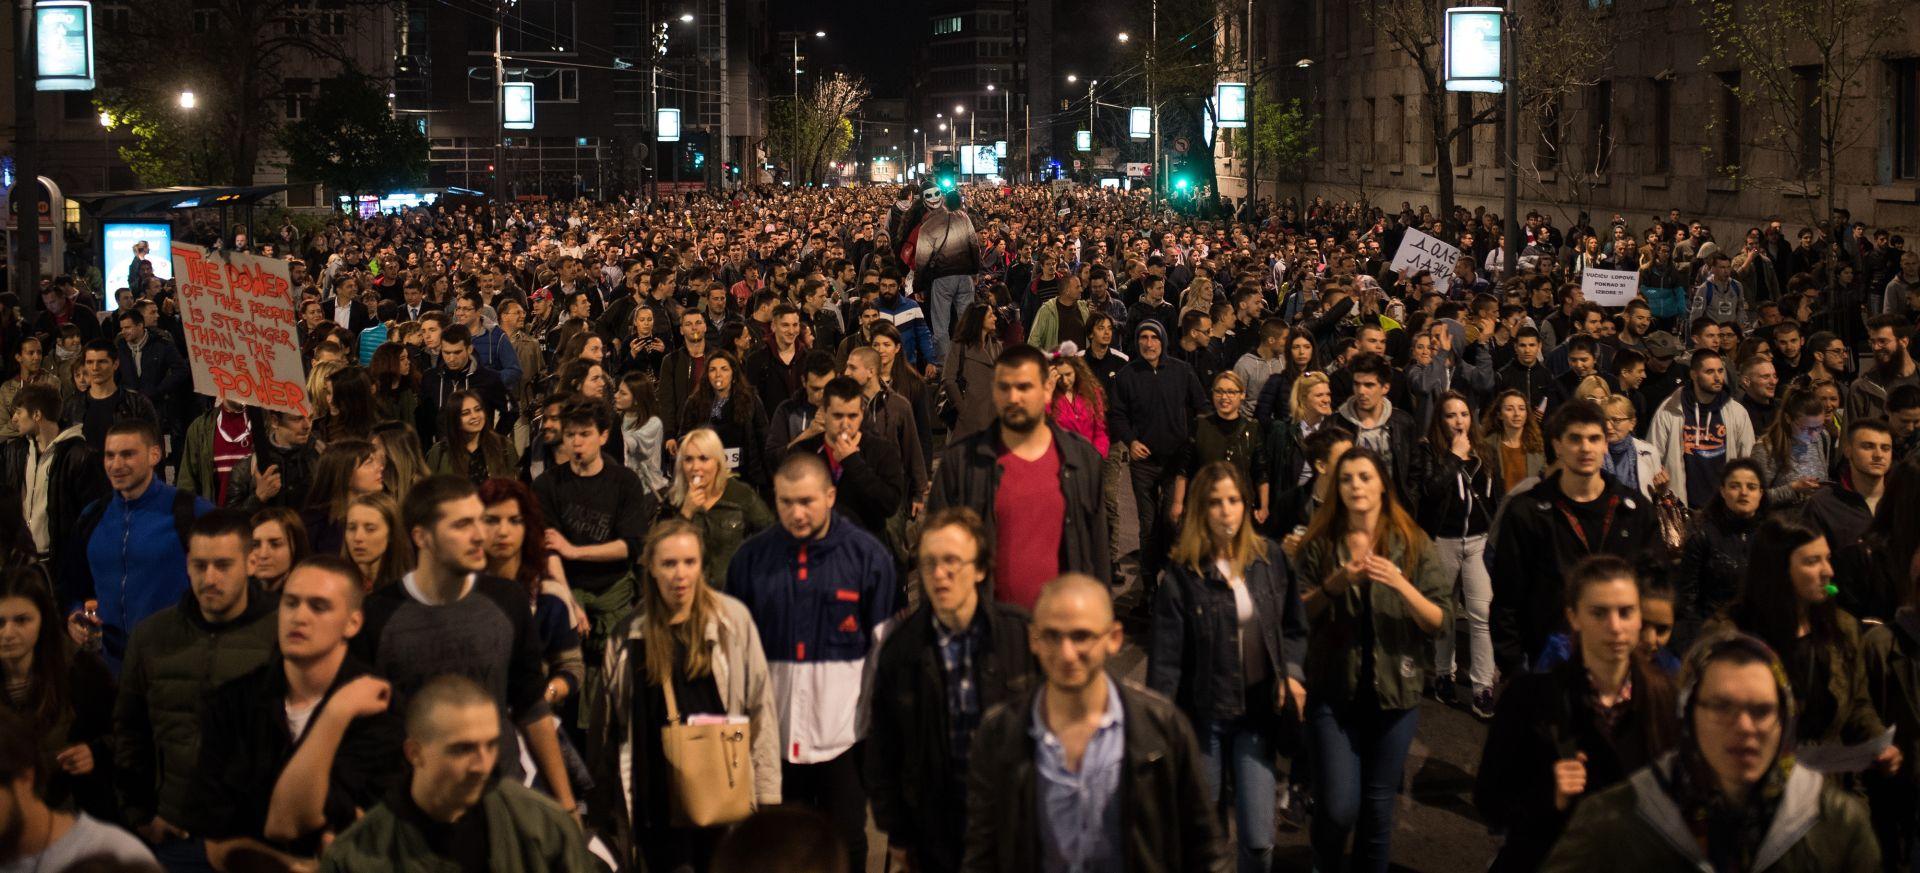 SRBIJA Tisuće ljudi prosvjeduju protiv Vučićeve pobjede